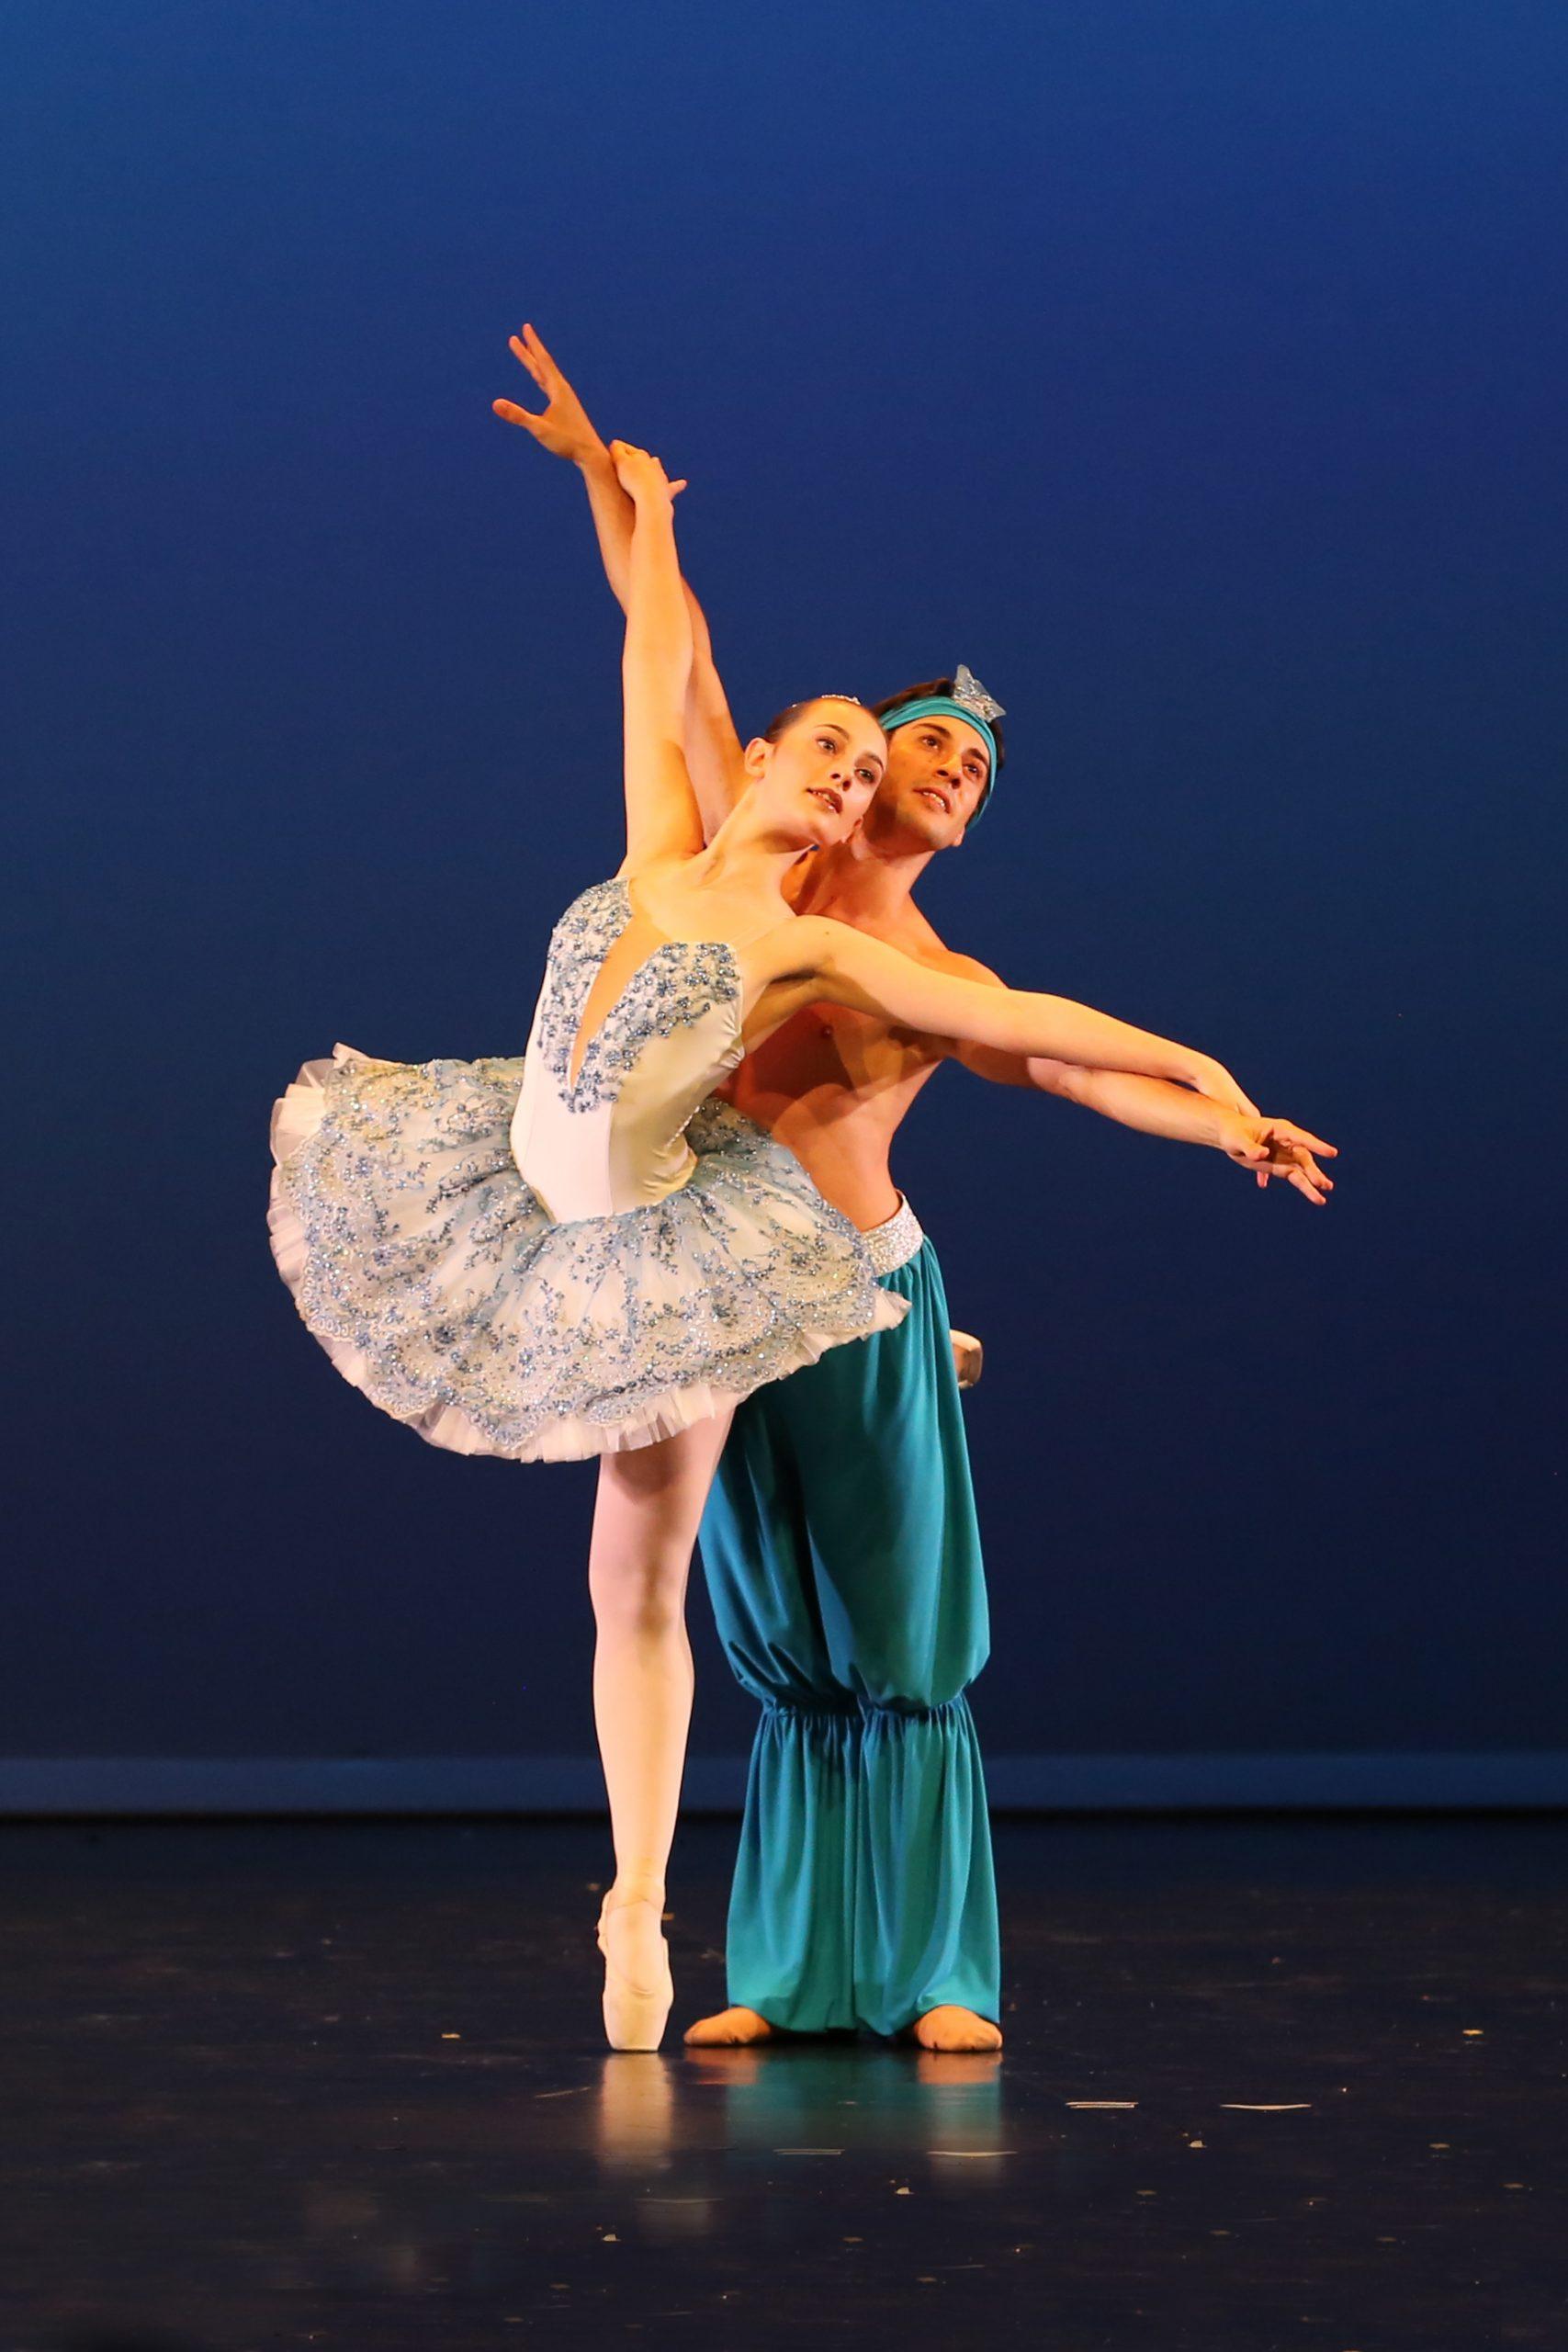 istituto superiore danza ariccia - susanna serafini